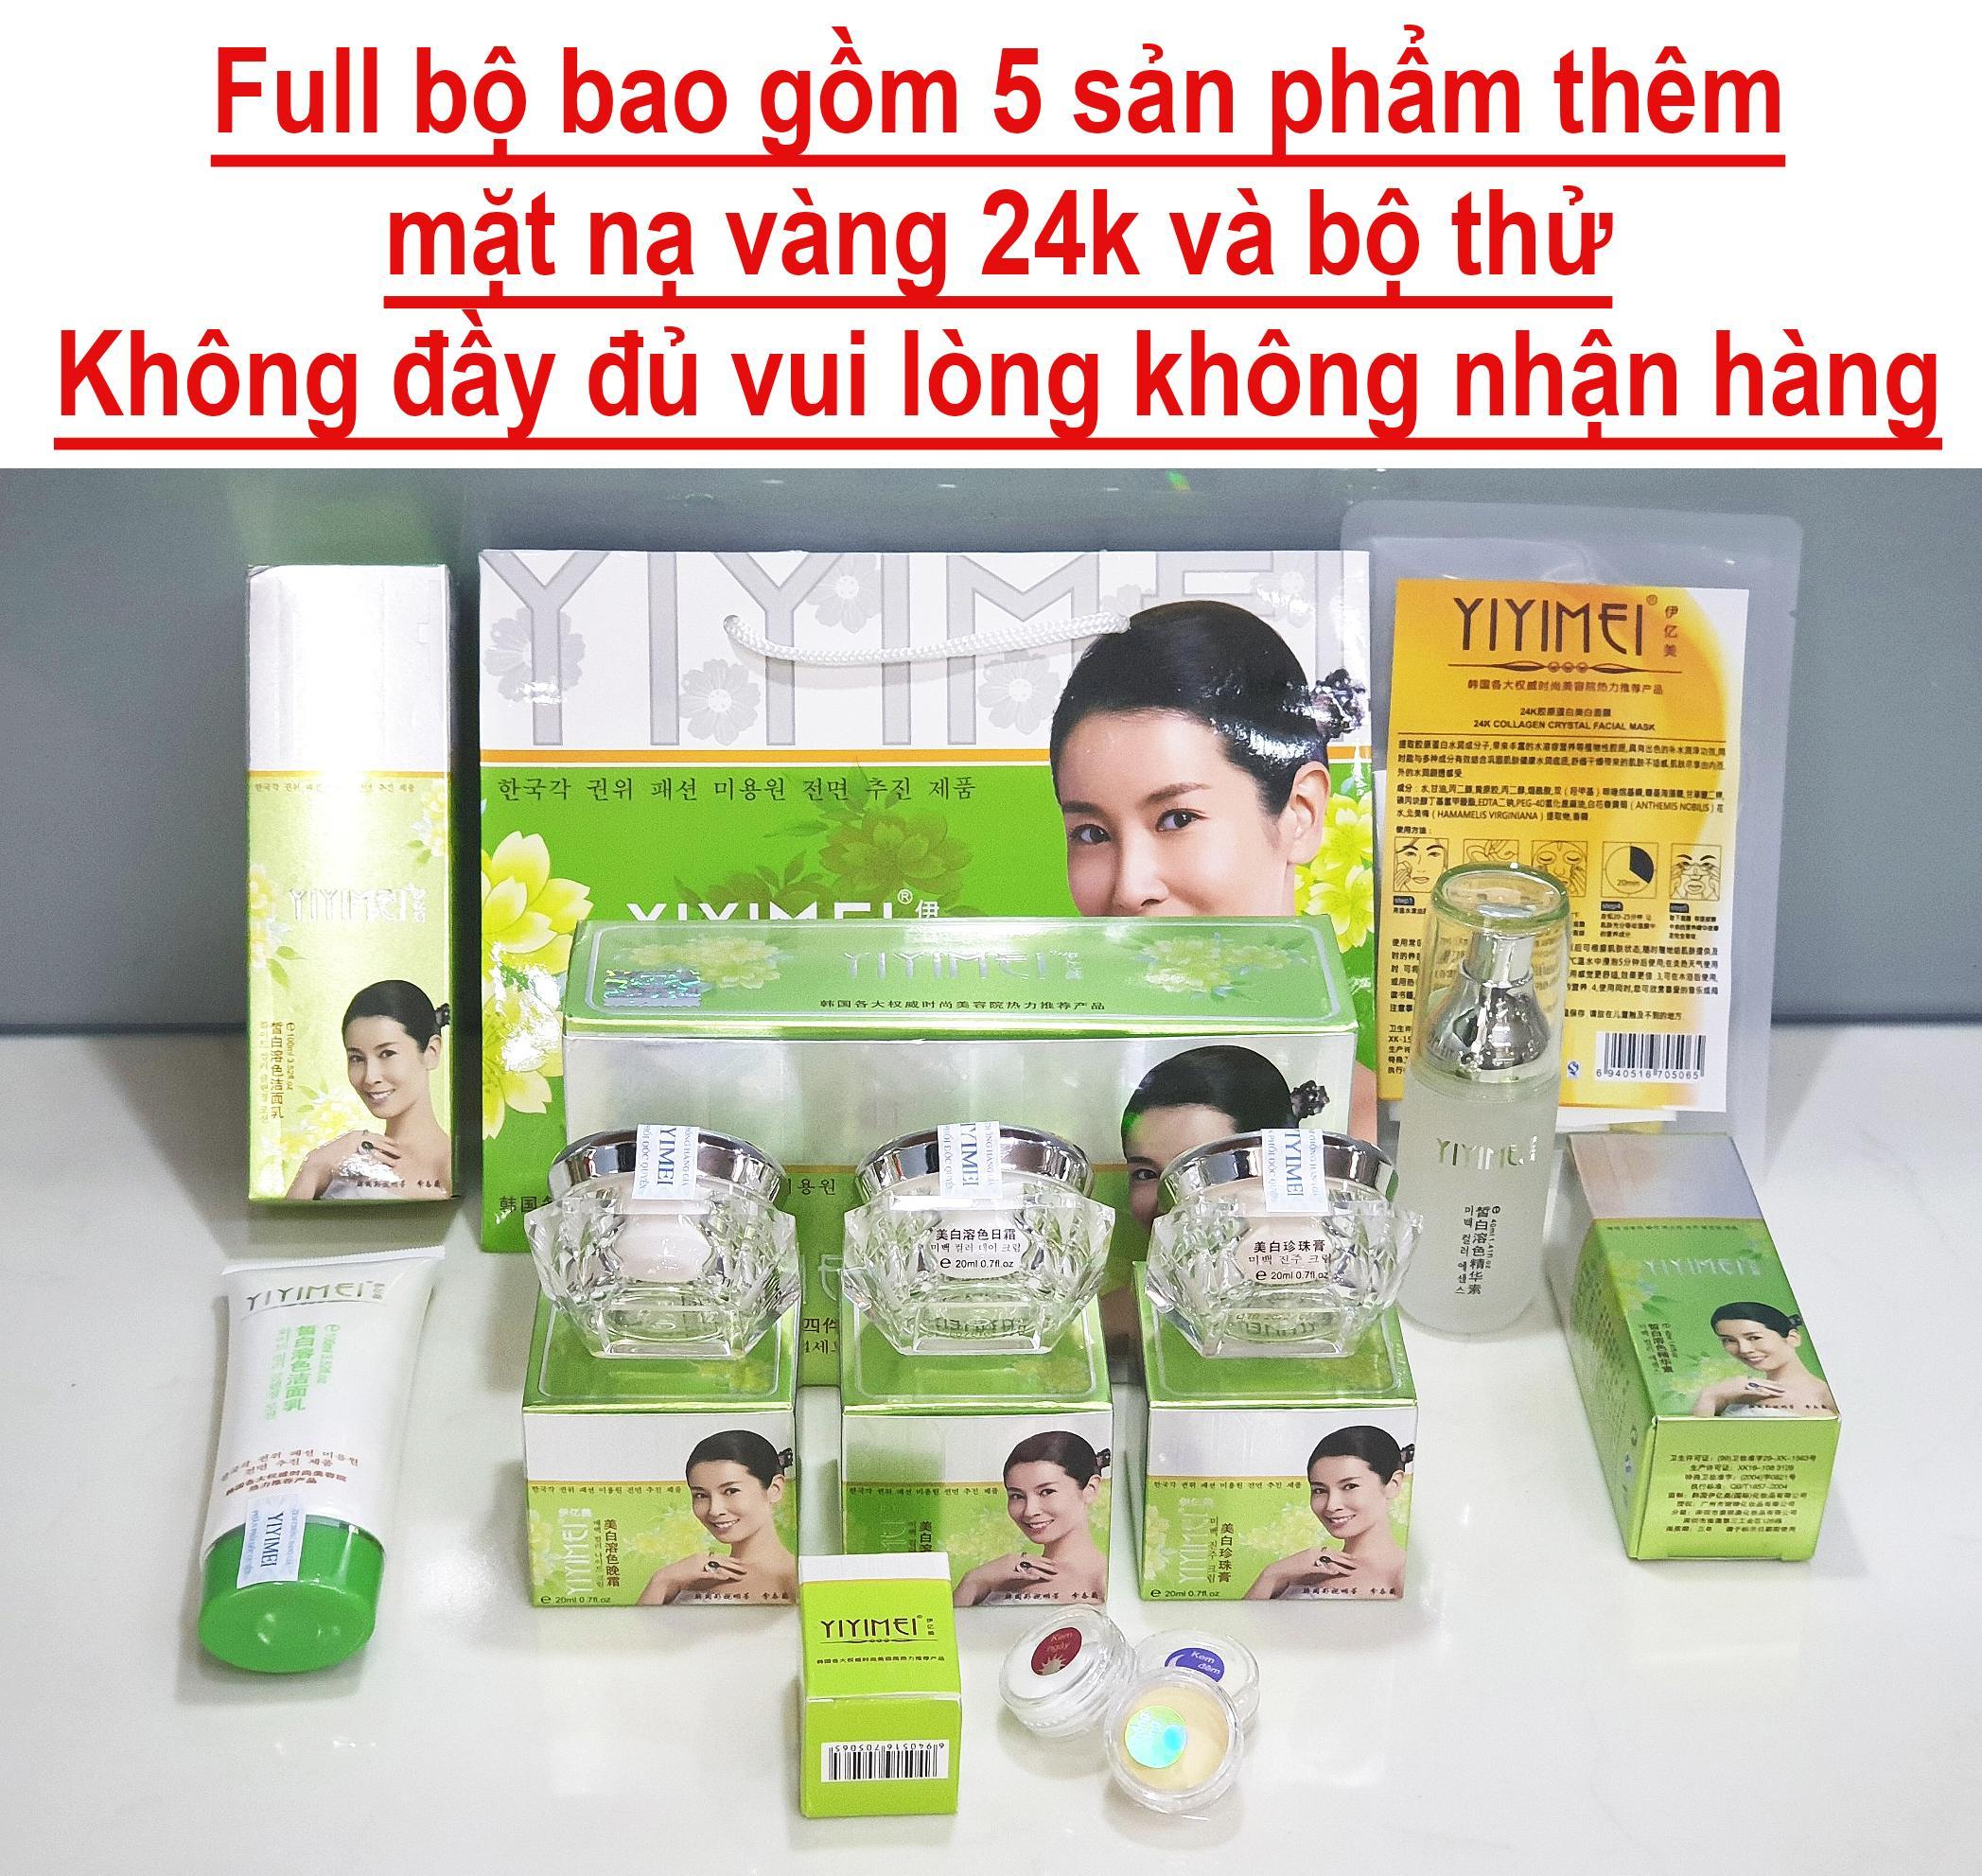 Bộ mỹ phẩm trị nám trắng da Yiyimei 5in1, Kem trị nám Yiyimei chính hãng (phải có bộ thử và mặt nạ vàng 24k kèm theo)